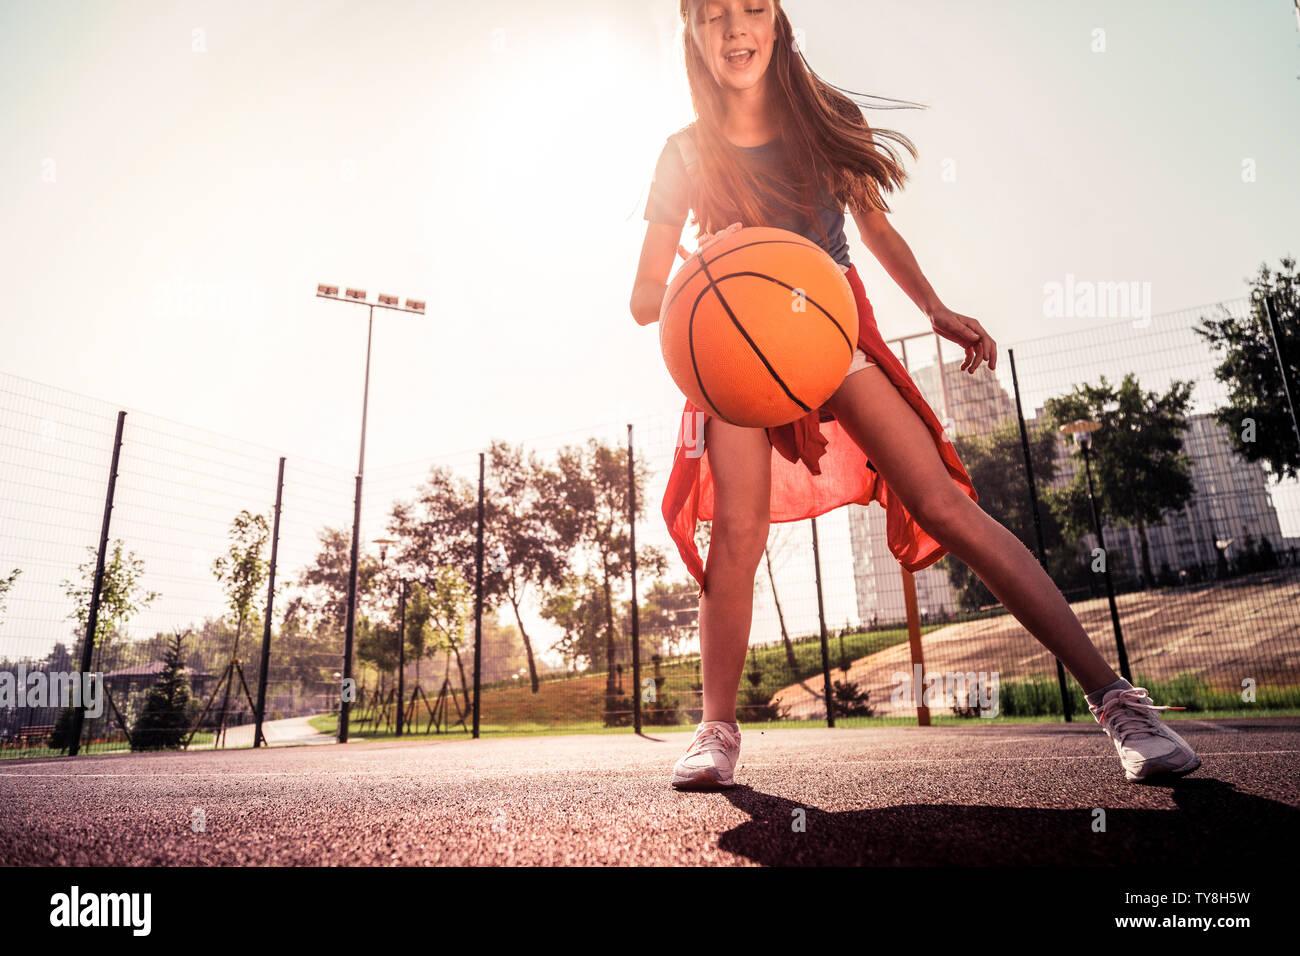 Kreischen skinny kleines Mädchen im Basketball Spiel erlebt, Stockbild